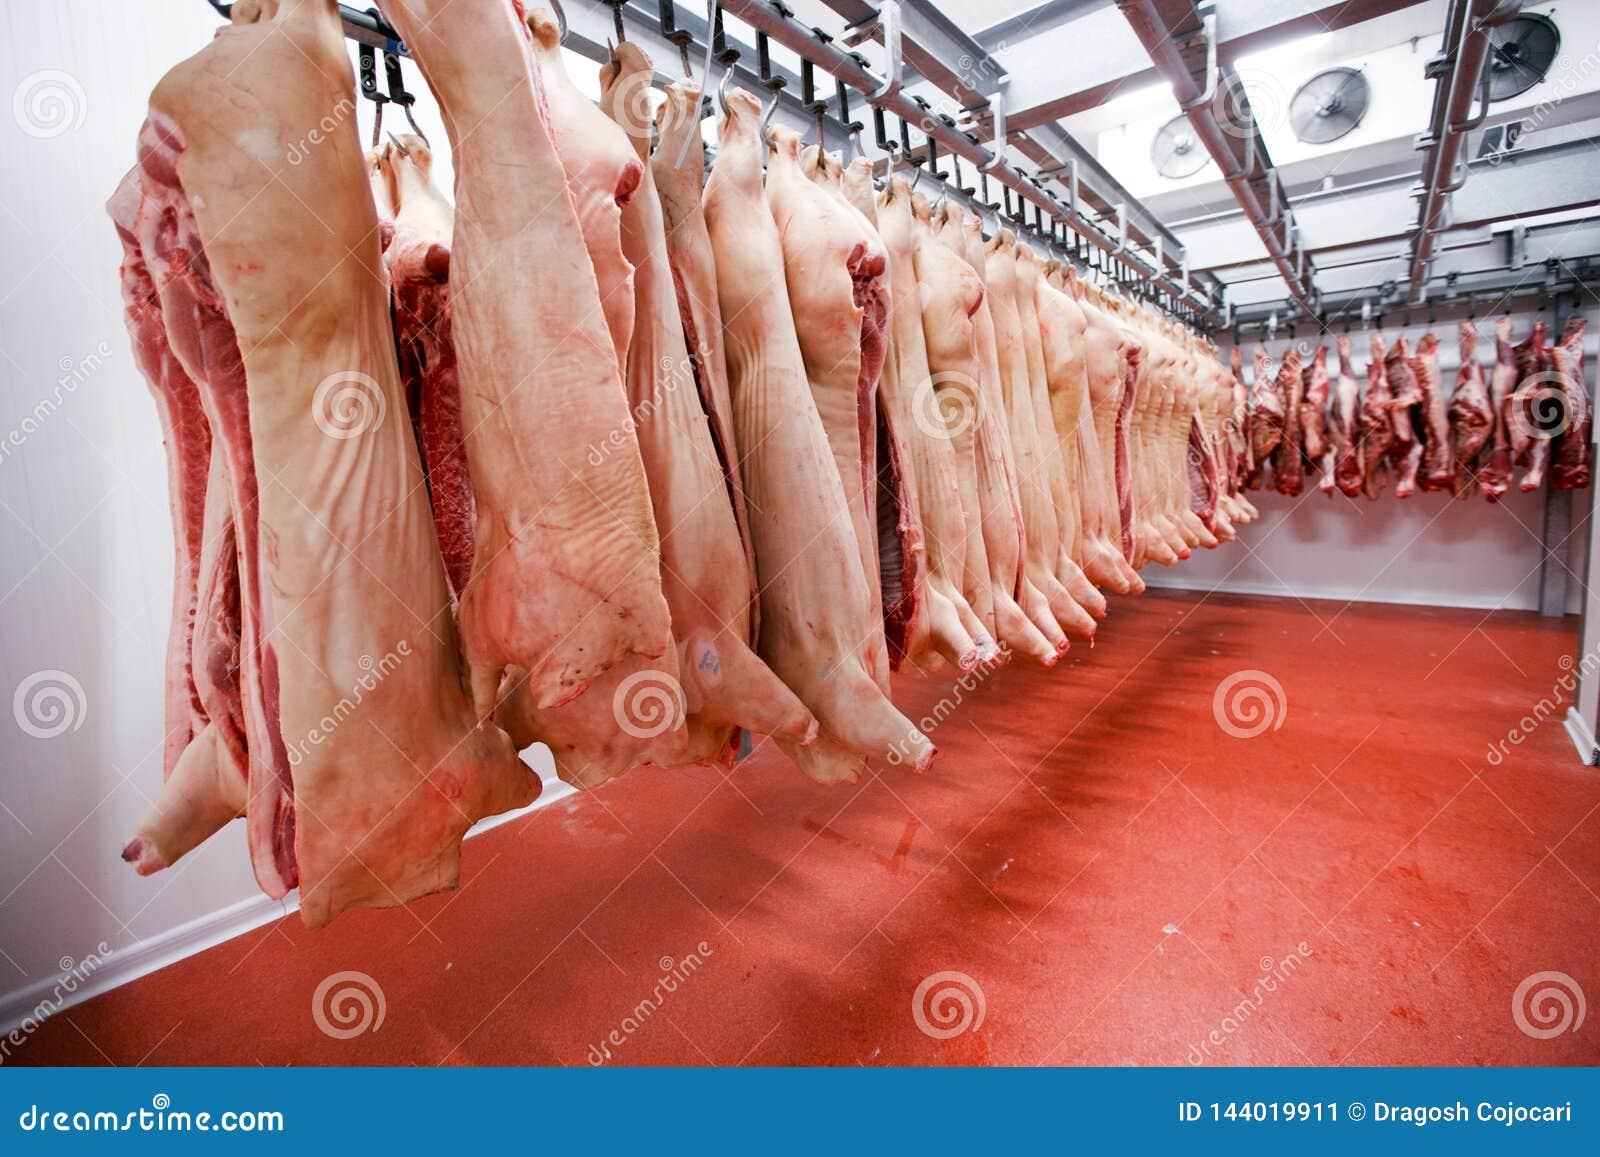 Gracioso Cerdo Colgado en la Valla Bienvenido Cubiertas Magn/éticas para Buzones Bienvenido Buz/ón Wraps Post Letter Box Cover Garden Home Decor 21x18 Pulgadas